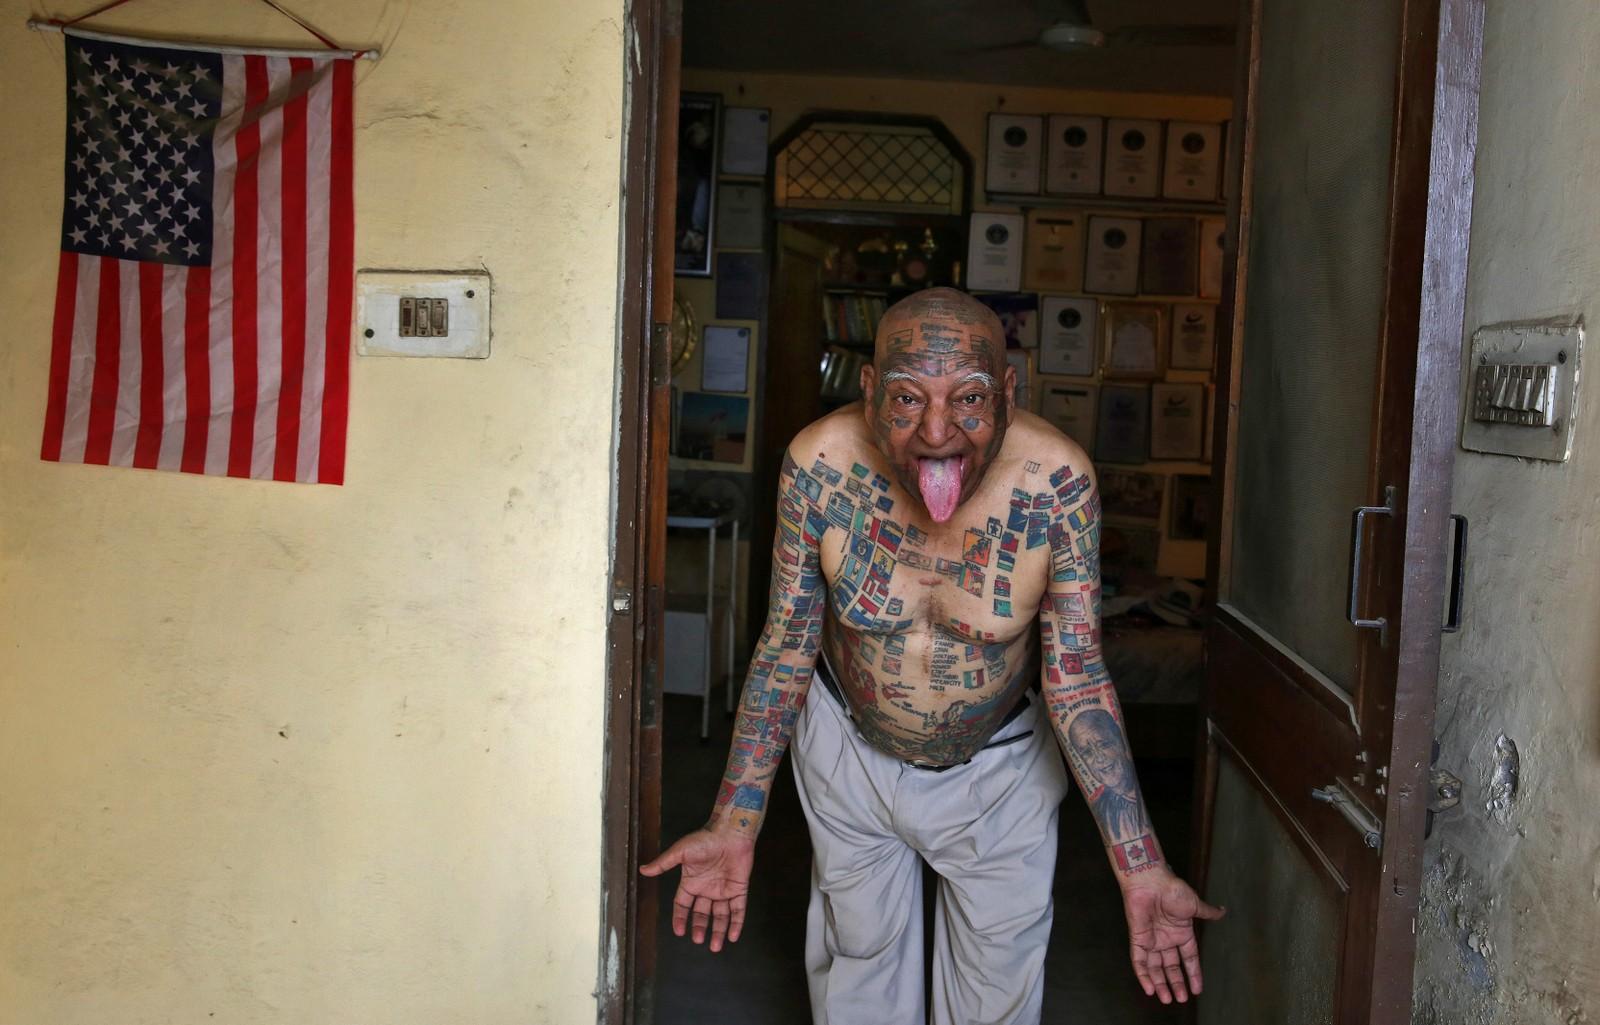 Guinness Rishi (74) skal være mannen med flest flagg, 366, tatovert på kroppen. Av navnet skjønner man kanskje at han er over gjennomsnittet interessert i å komme i verdensrekord-boka. 20 rekorder skal han ha satt, deriblant å kjøre scooter i 1001 timer og å fjerne alle tennene for å få plass til 500 sugerør.